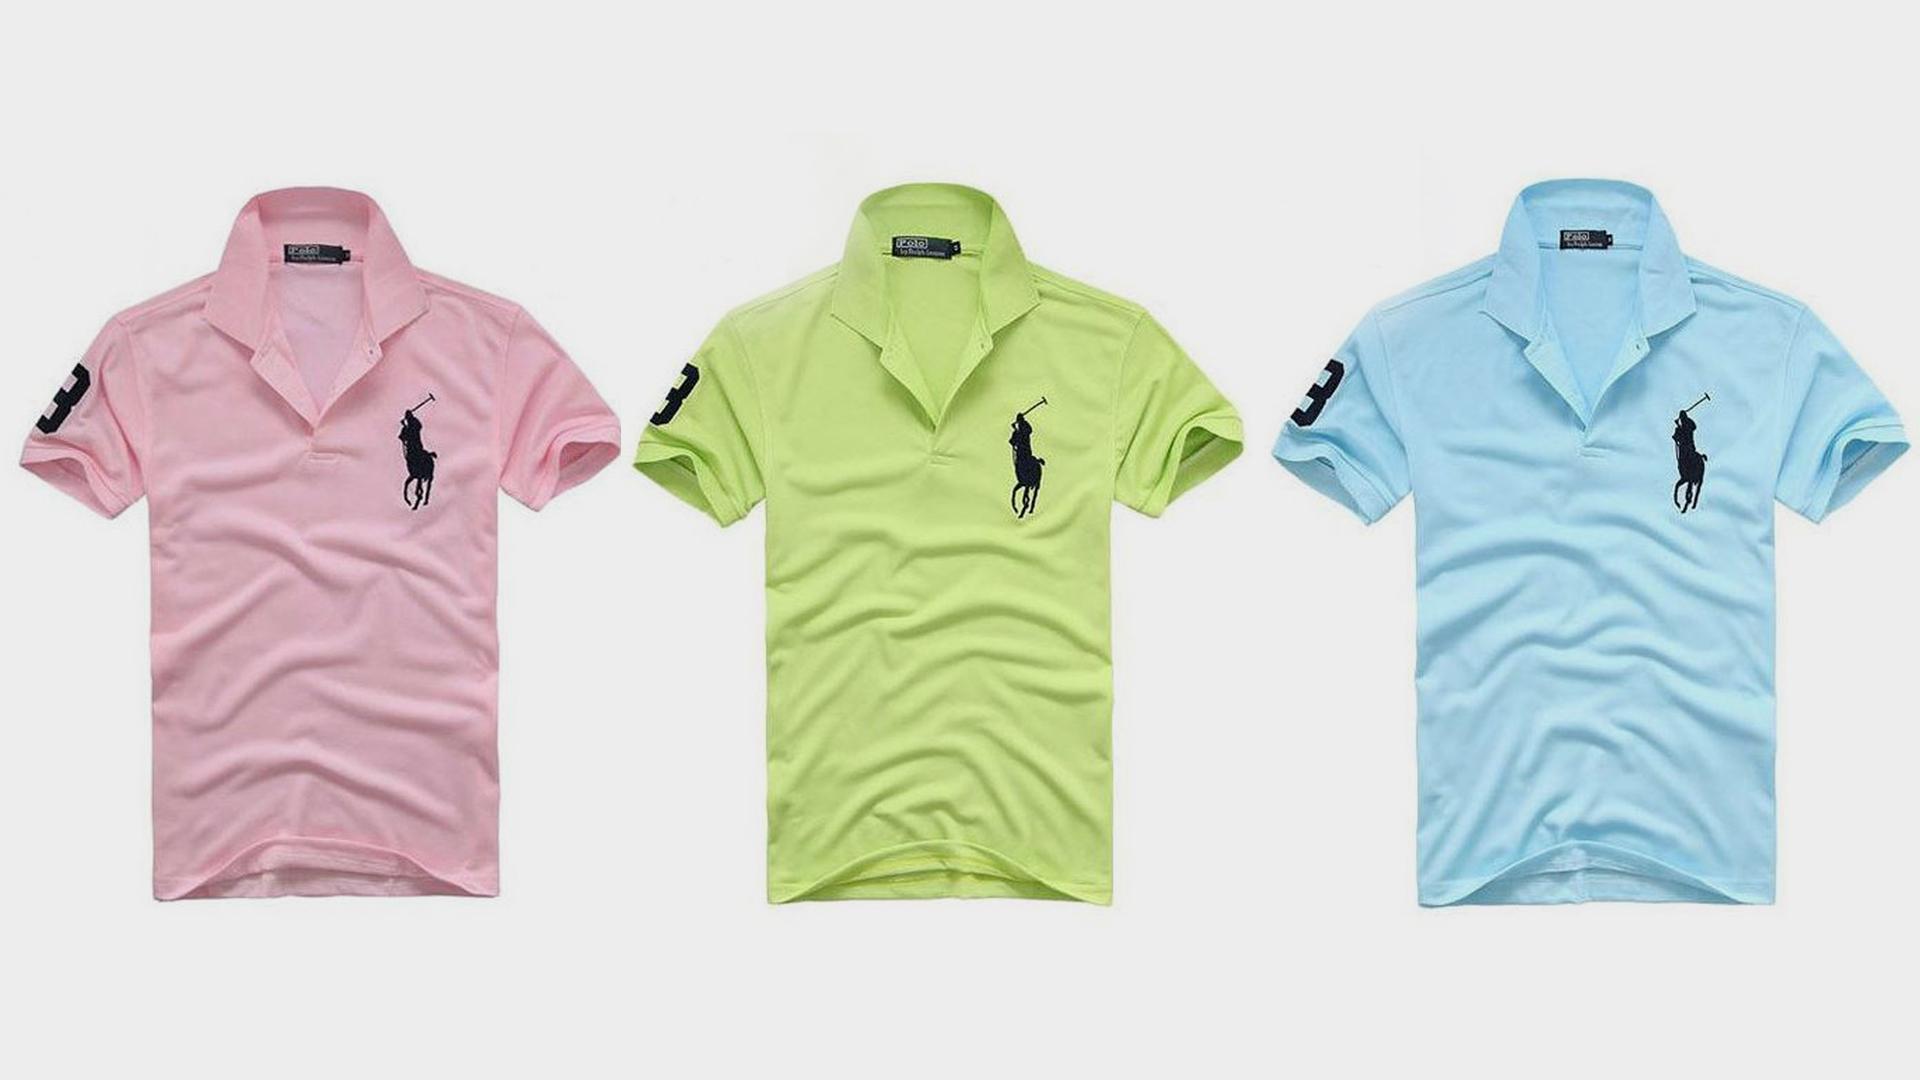 【メンズ】ポロシャツブランドの人気ランキングTOP7!!王道のブランドで勝負しよう!